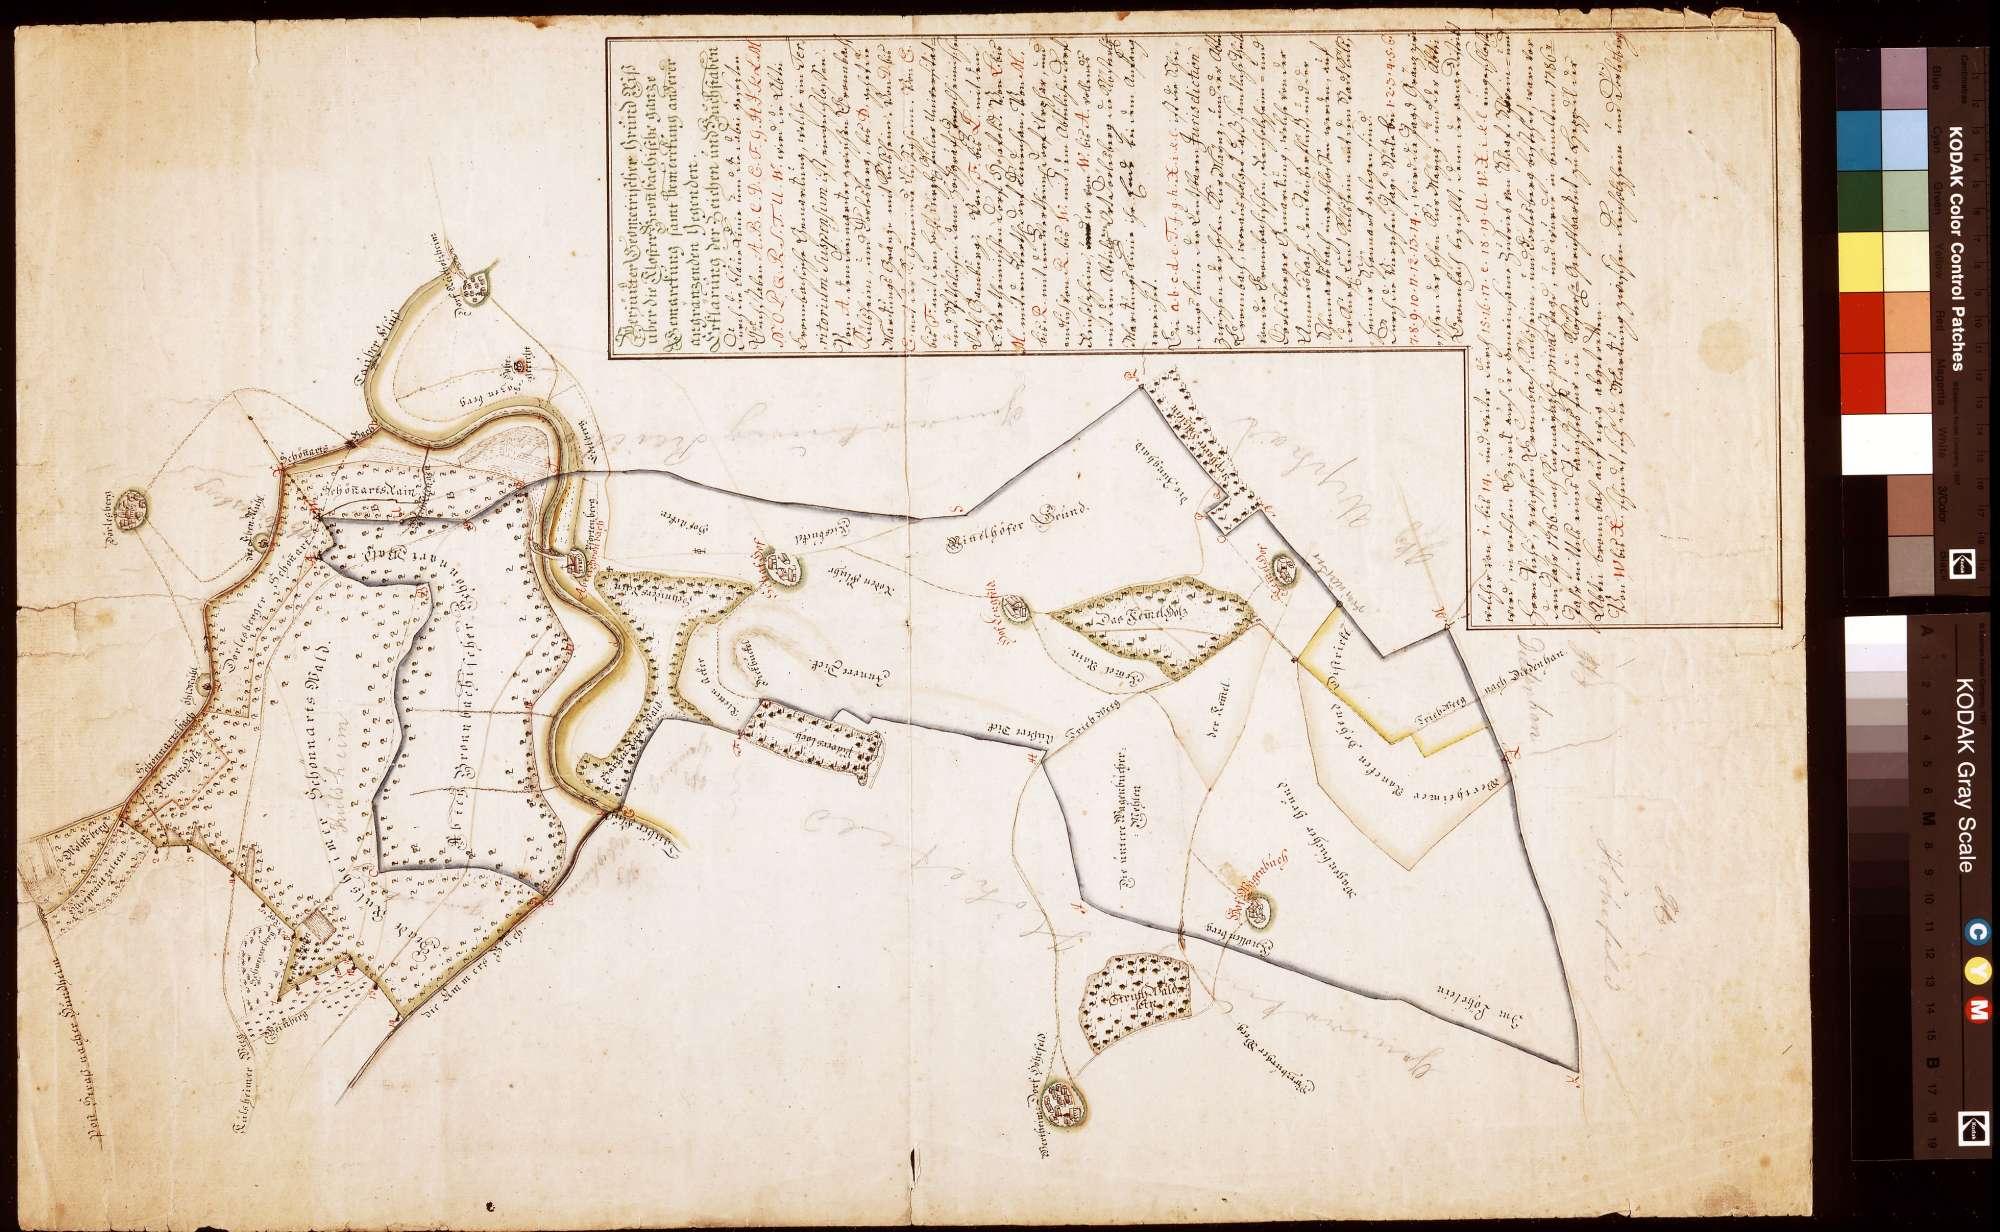 Verjüngter geometrischer Grundriss über die Kloster Bronnbachische ganze Gemarkung samt Bemerkung anderer angrenzender Gegenden (Inselkarte), Bild 1